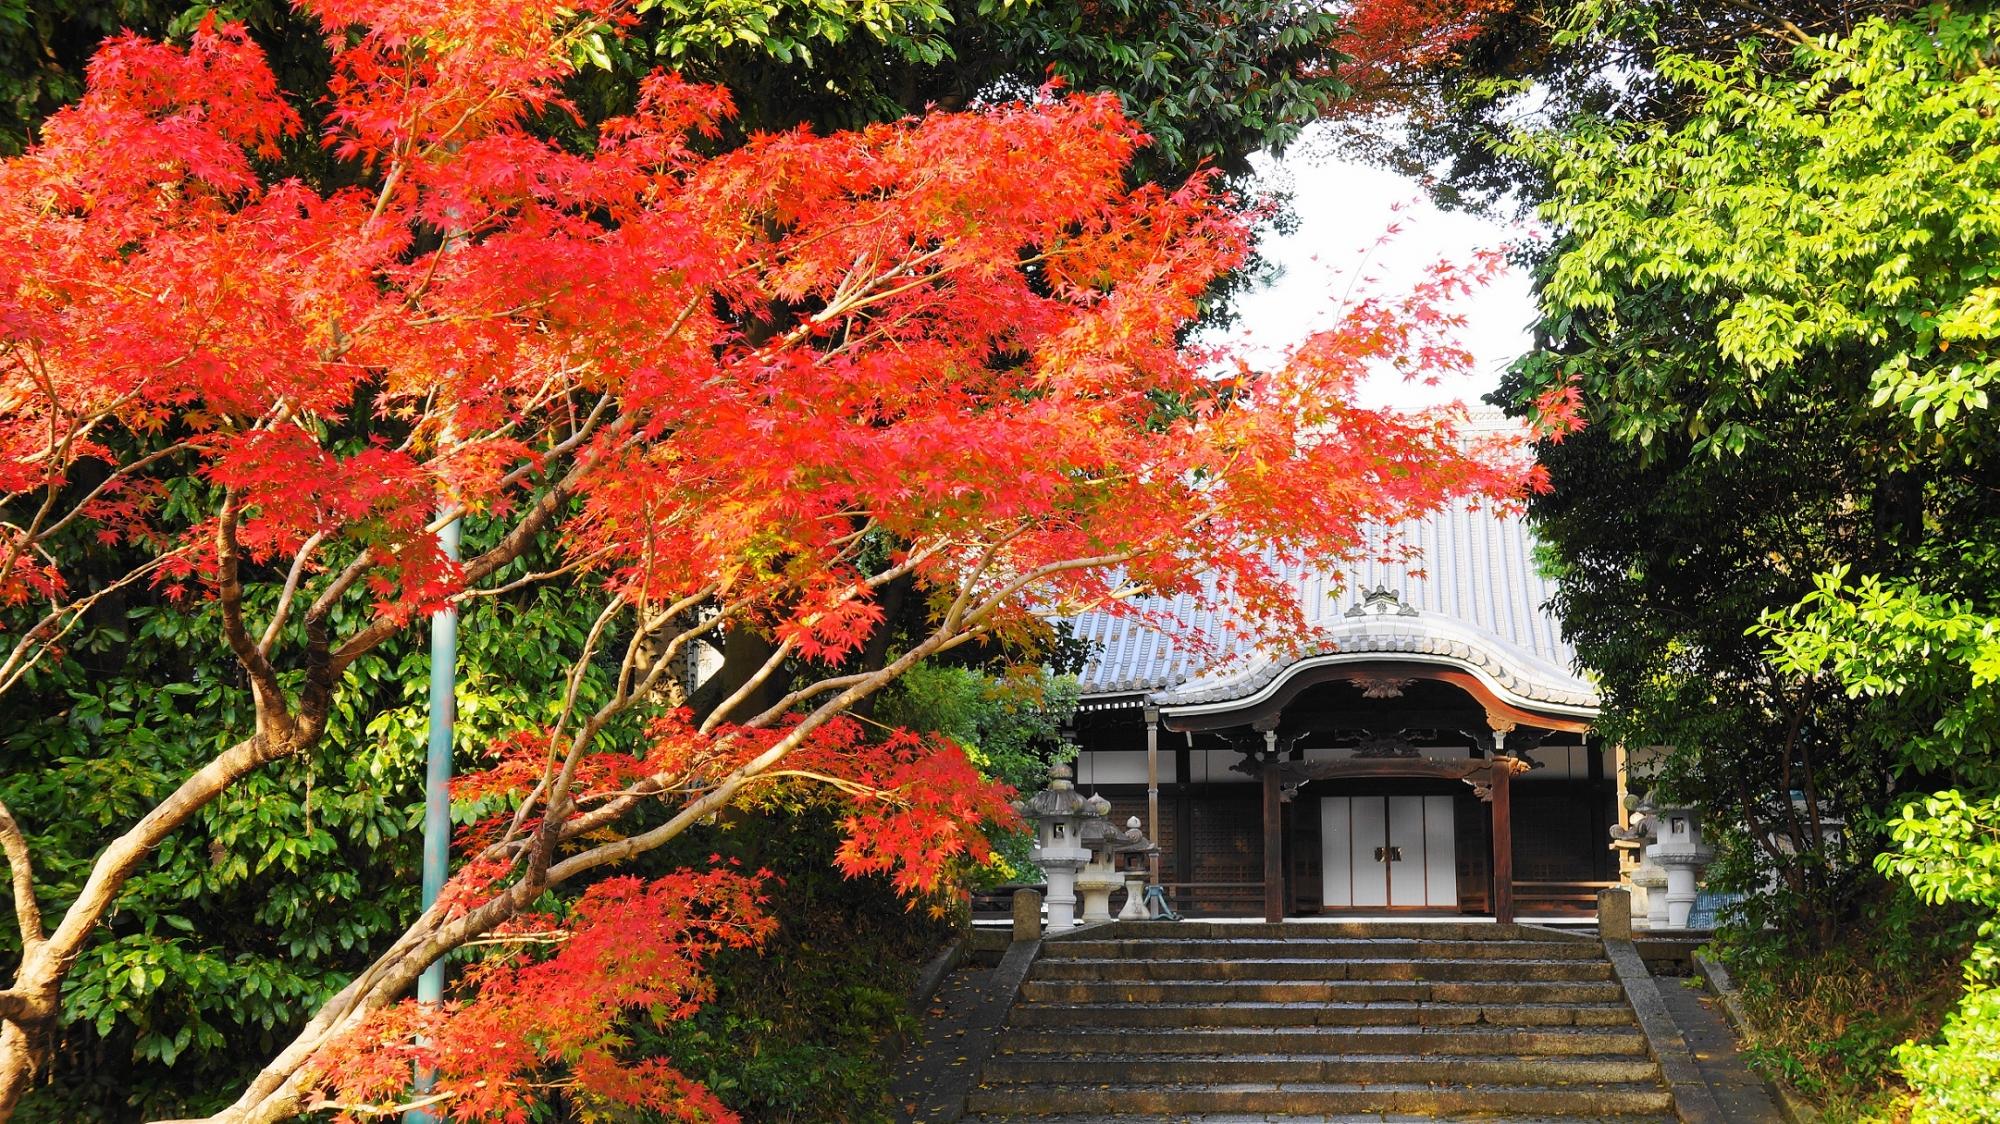 智積院の大師堂と紅葉